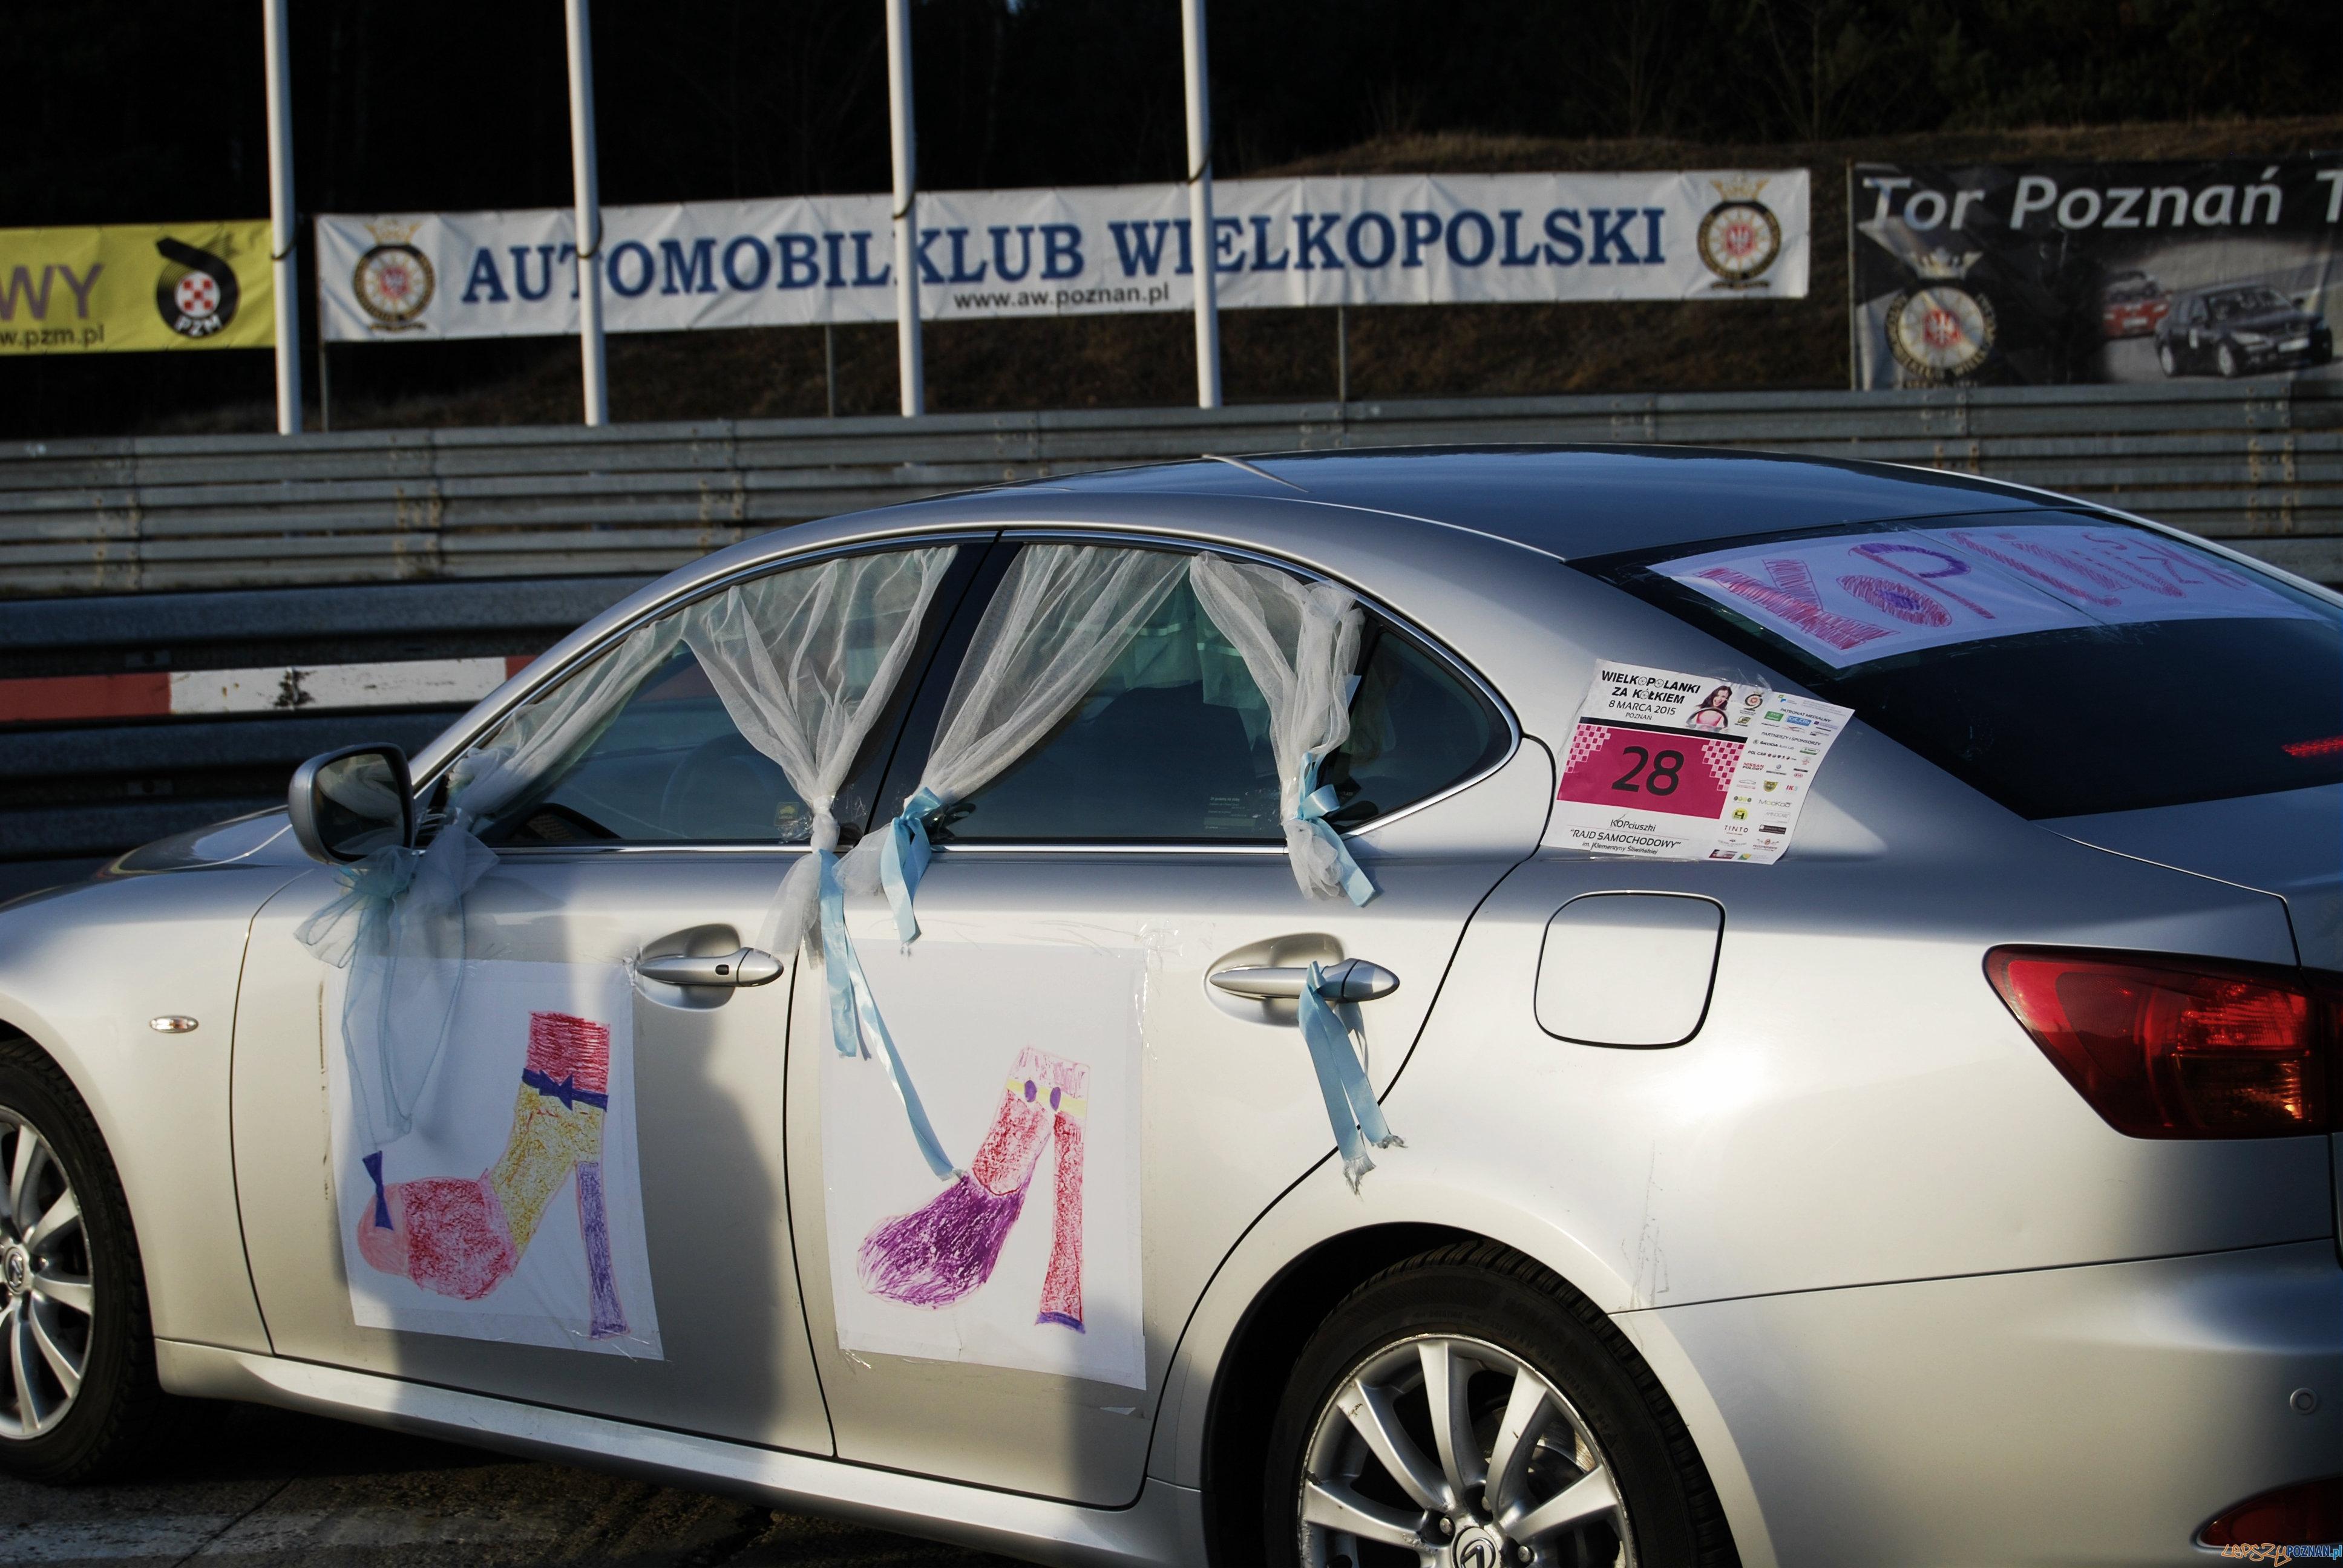 Wielkopolanki za kółkiem, czyli samochodowy rajd tylko dla pań  Foto: Automobilklub Wielkopolski